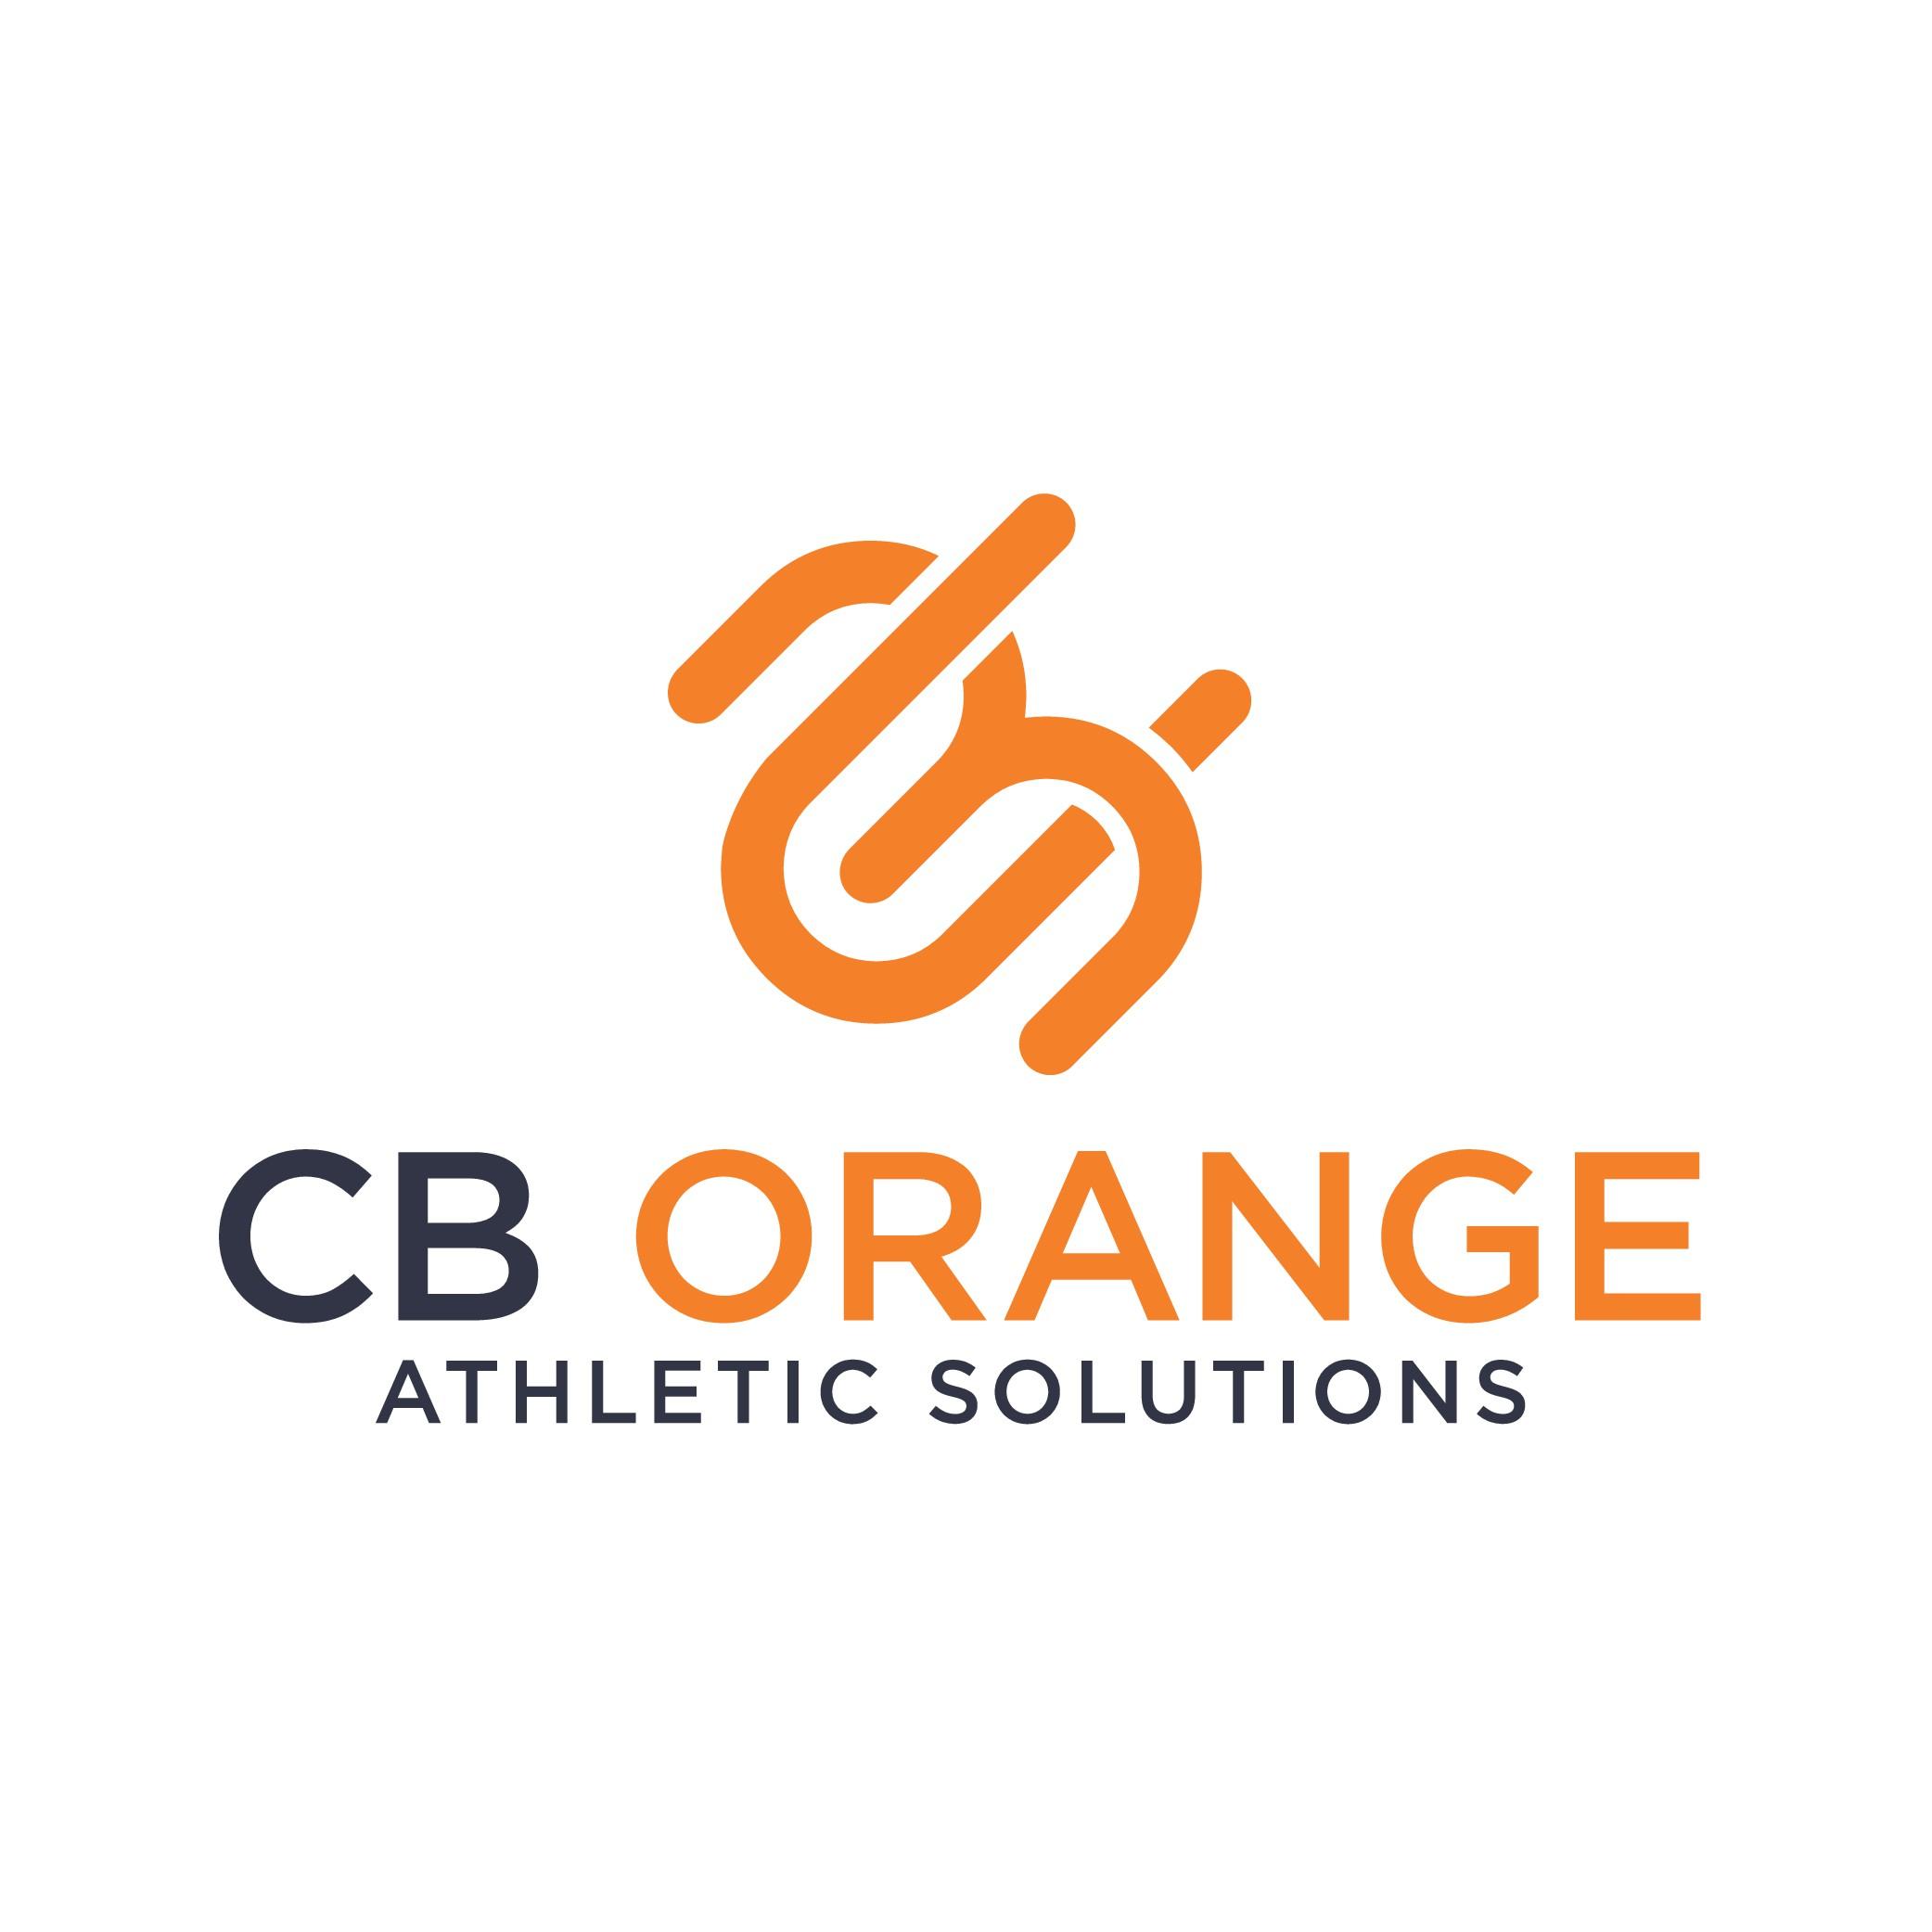 CB Orange Athletic Solutions